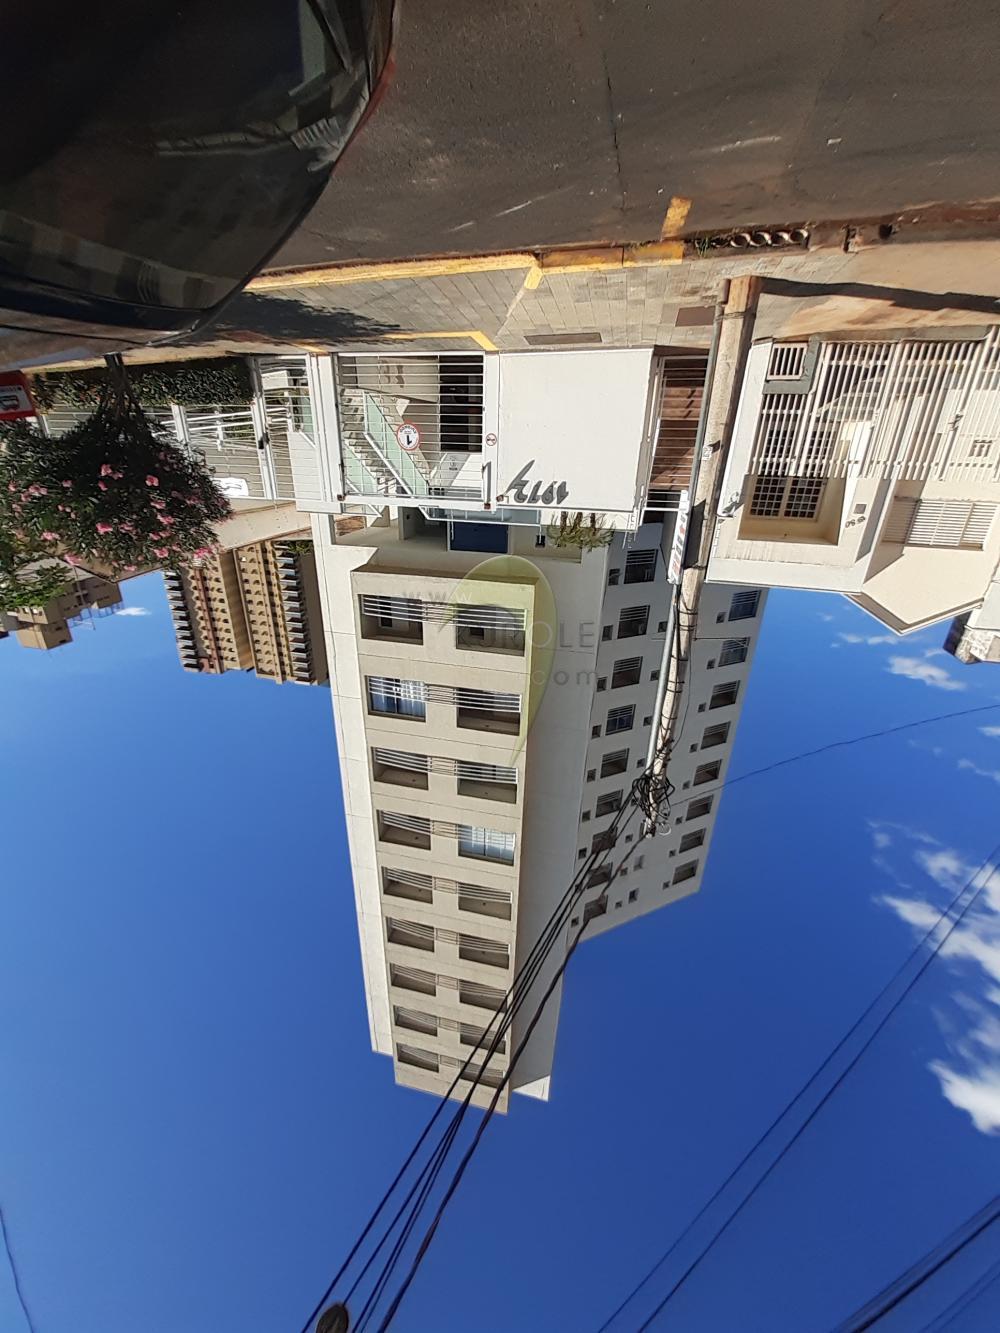 alt='Alugar Apartamento / Cobertura em Ribeirão Preto R$ 11,00 - Foto 54' title='Alugar Apartamento / Cobertura em Ribeirão Preto R$ 11,00 - Foto 54'